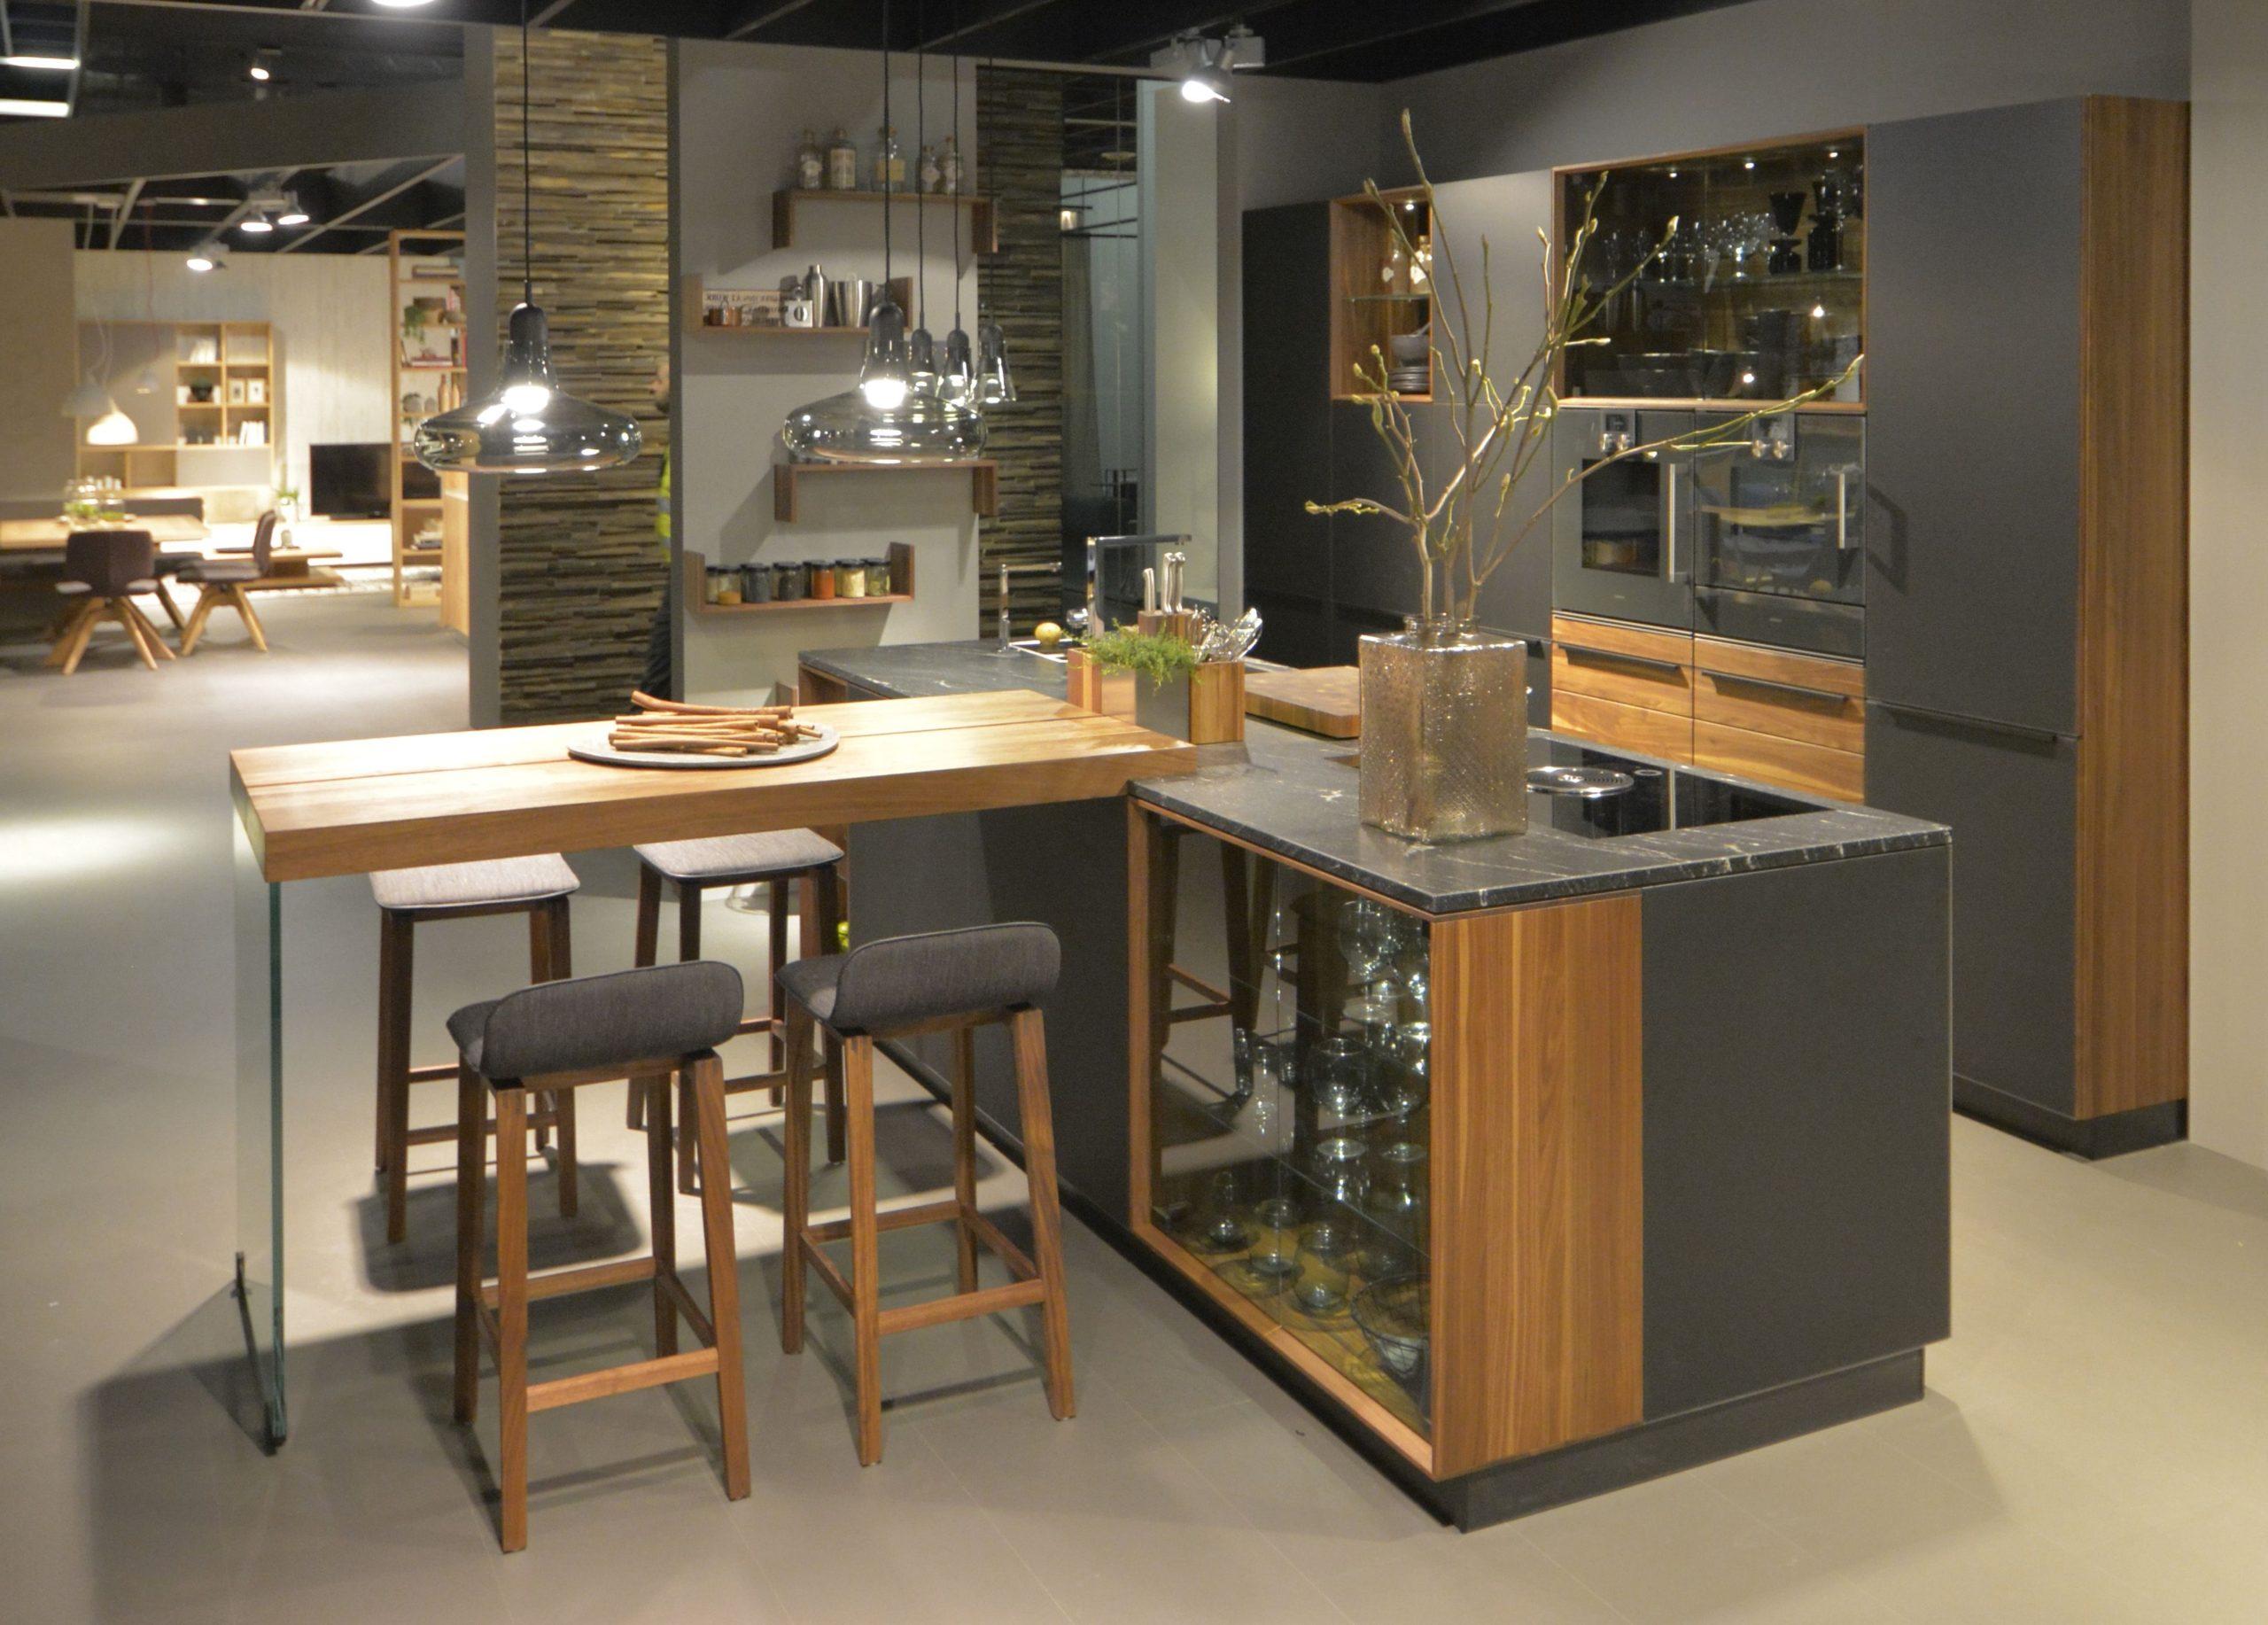 Les détails en bois rendent la cuisine ouverte plus chaleureuse.